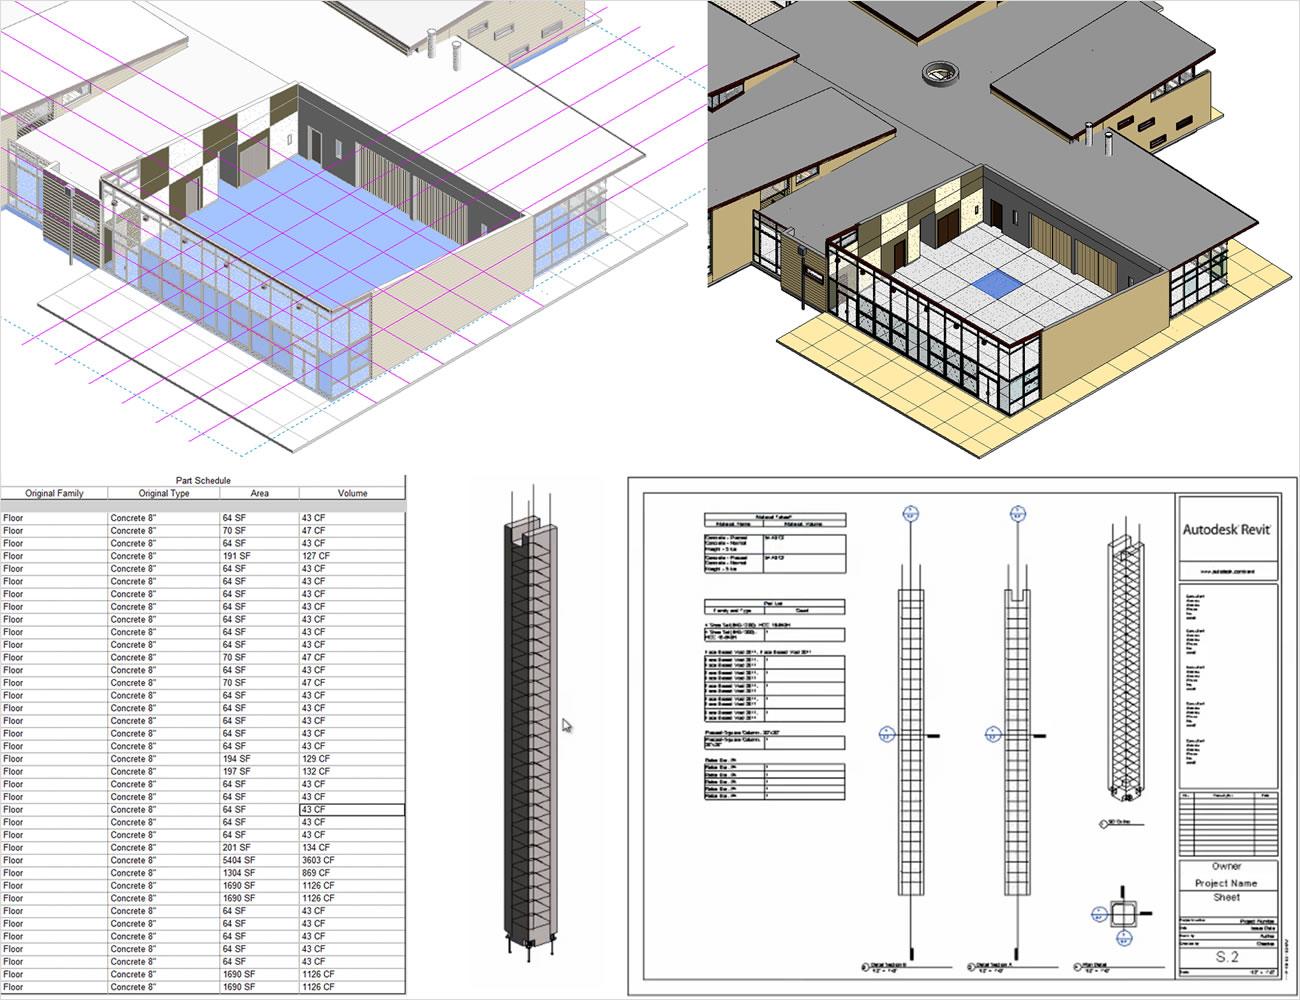 Autodesk Revit Architecture 2012.